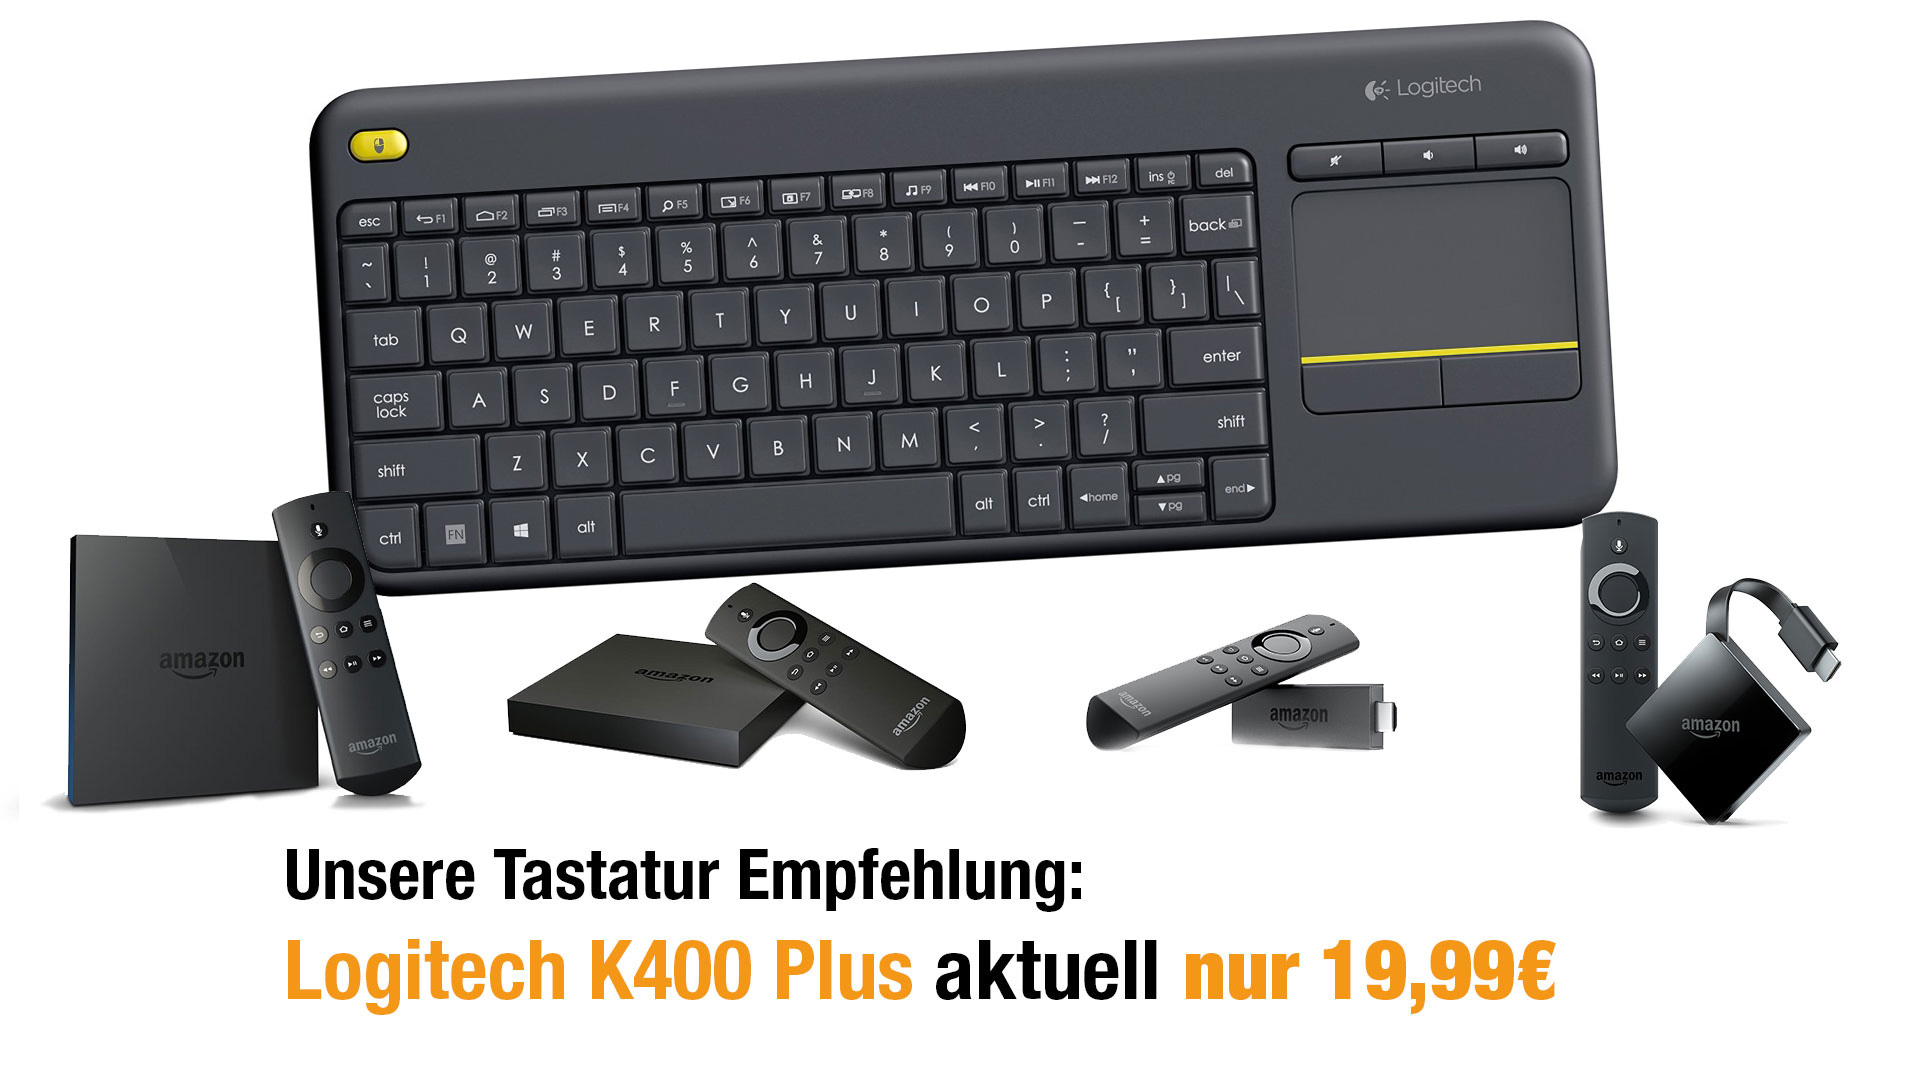 Tastatur Archiv Aftvhacks